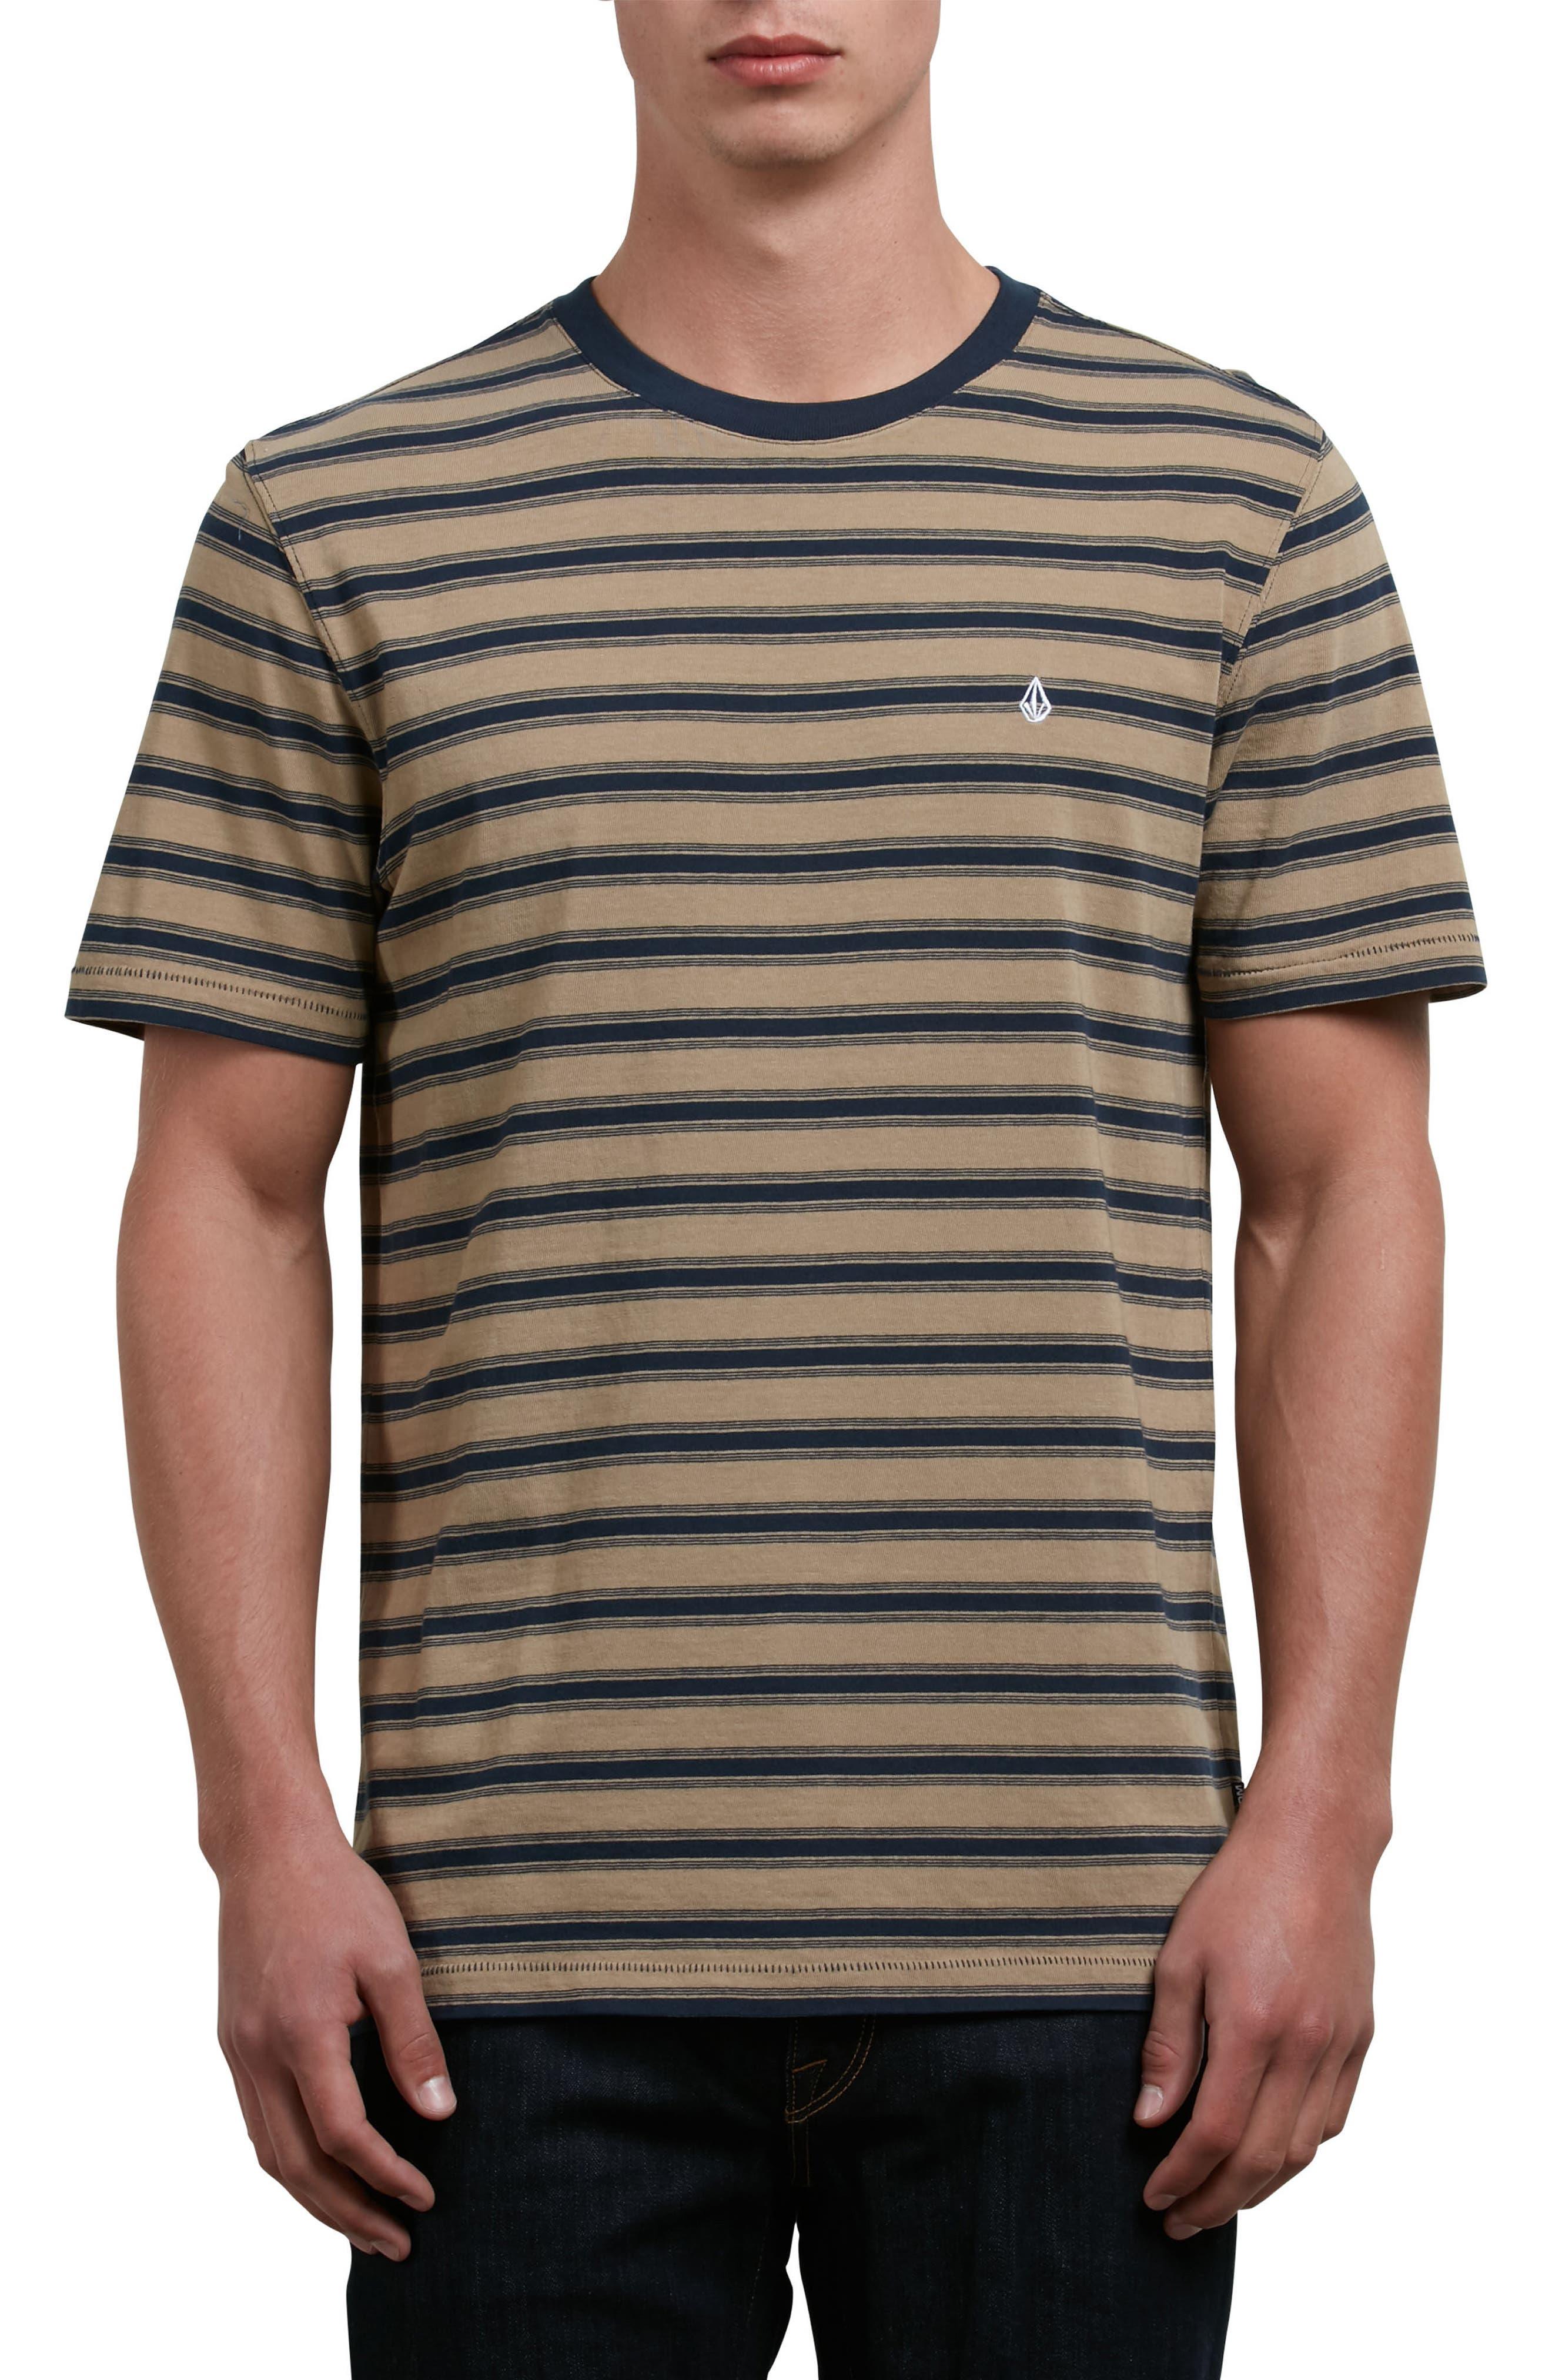 Volcom Briggs Stripe Crewneck T-Shirt